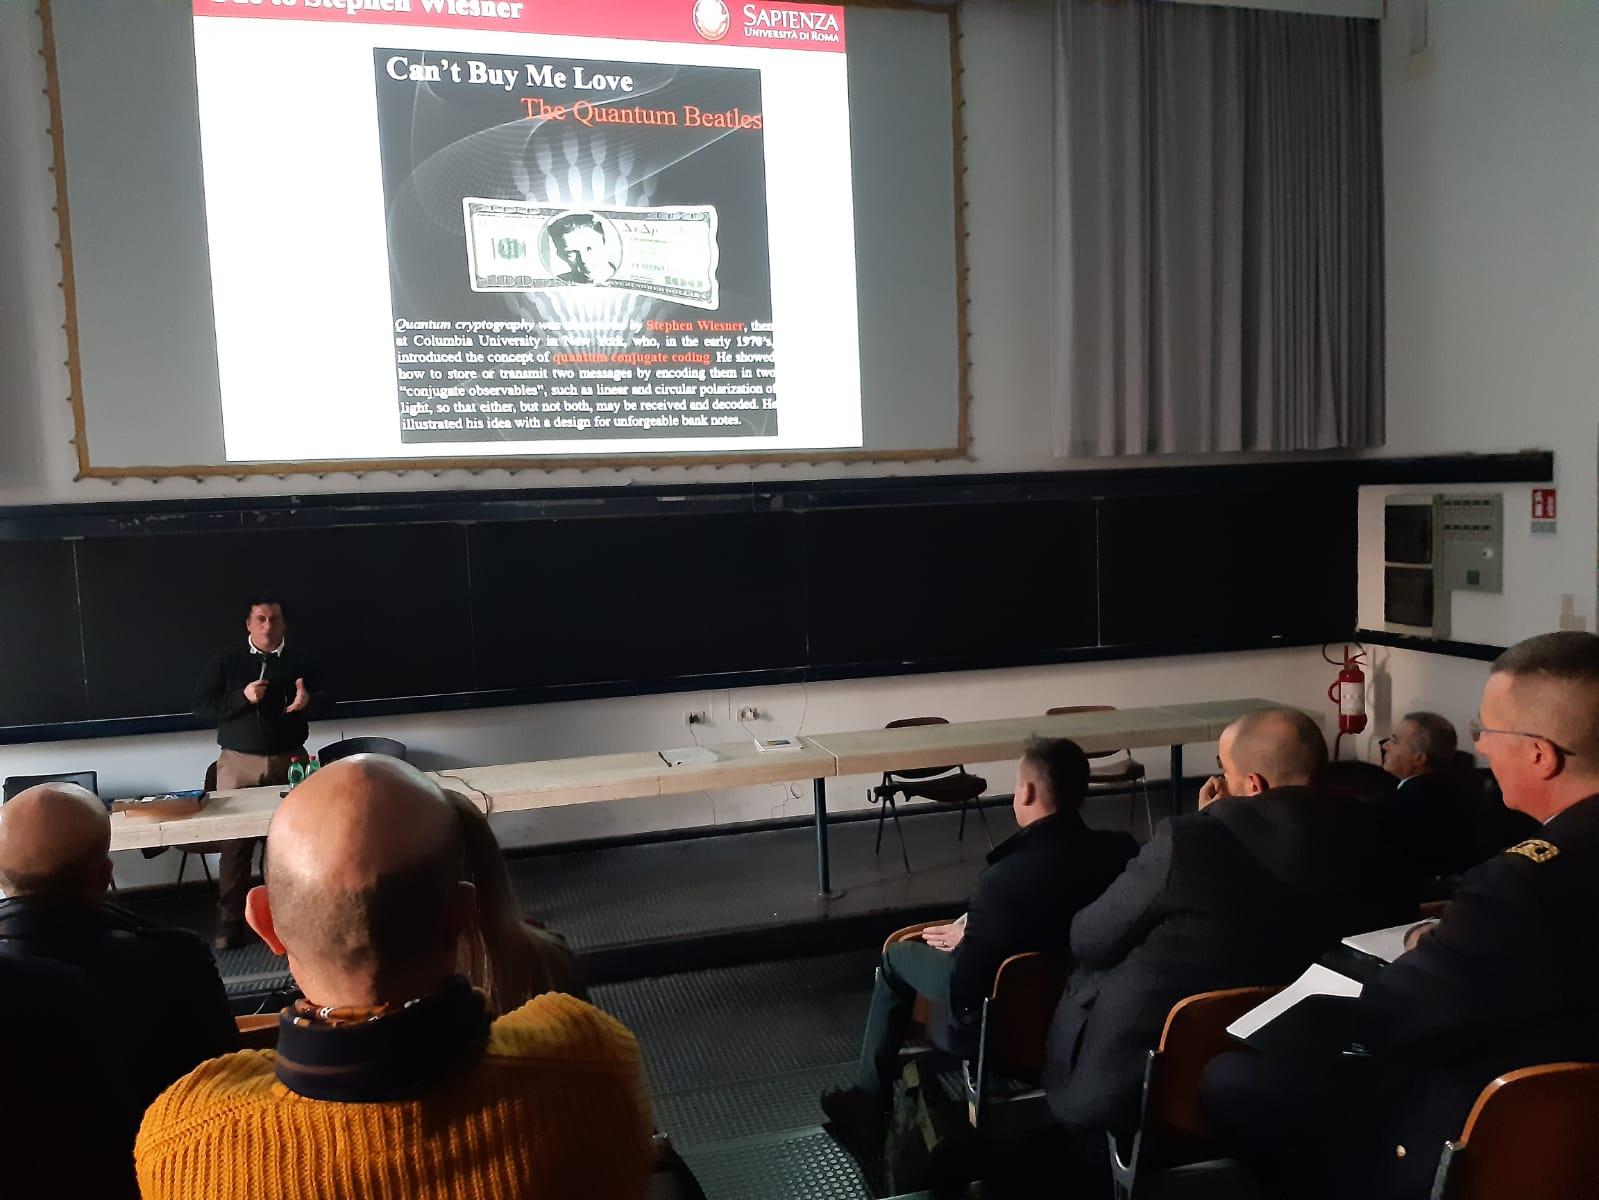 Conferenza presentazione Master - 16 Gennaio 2020 - Aula 1 Via Eudossiana - ore 15:00